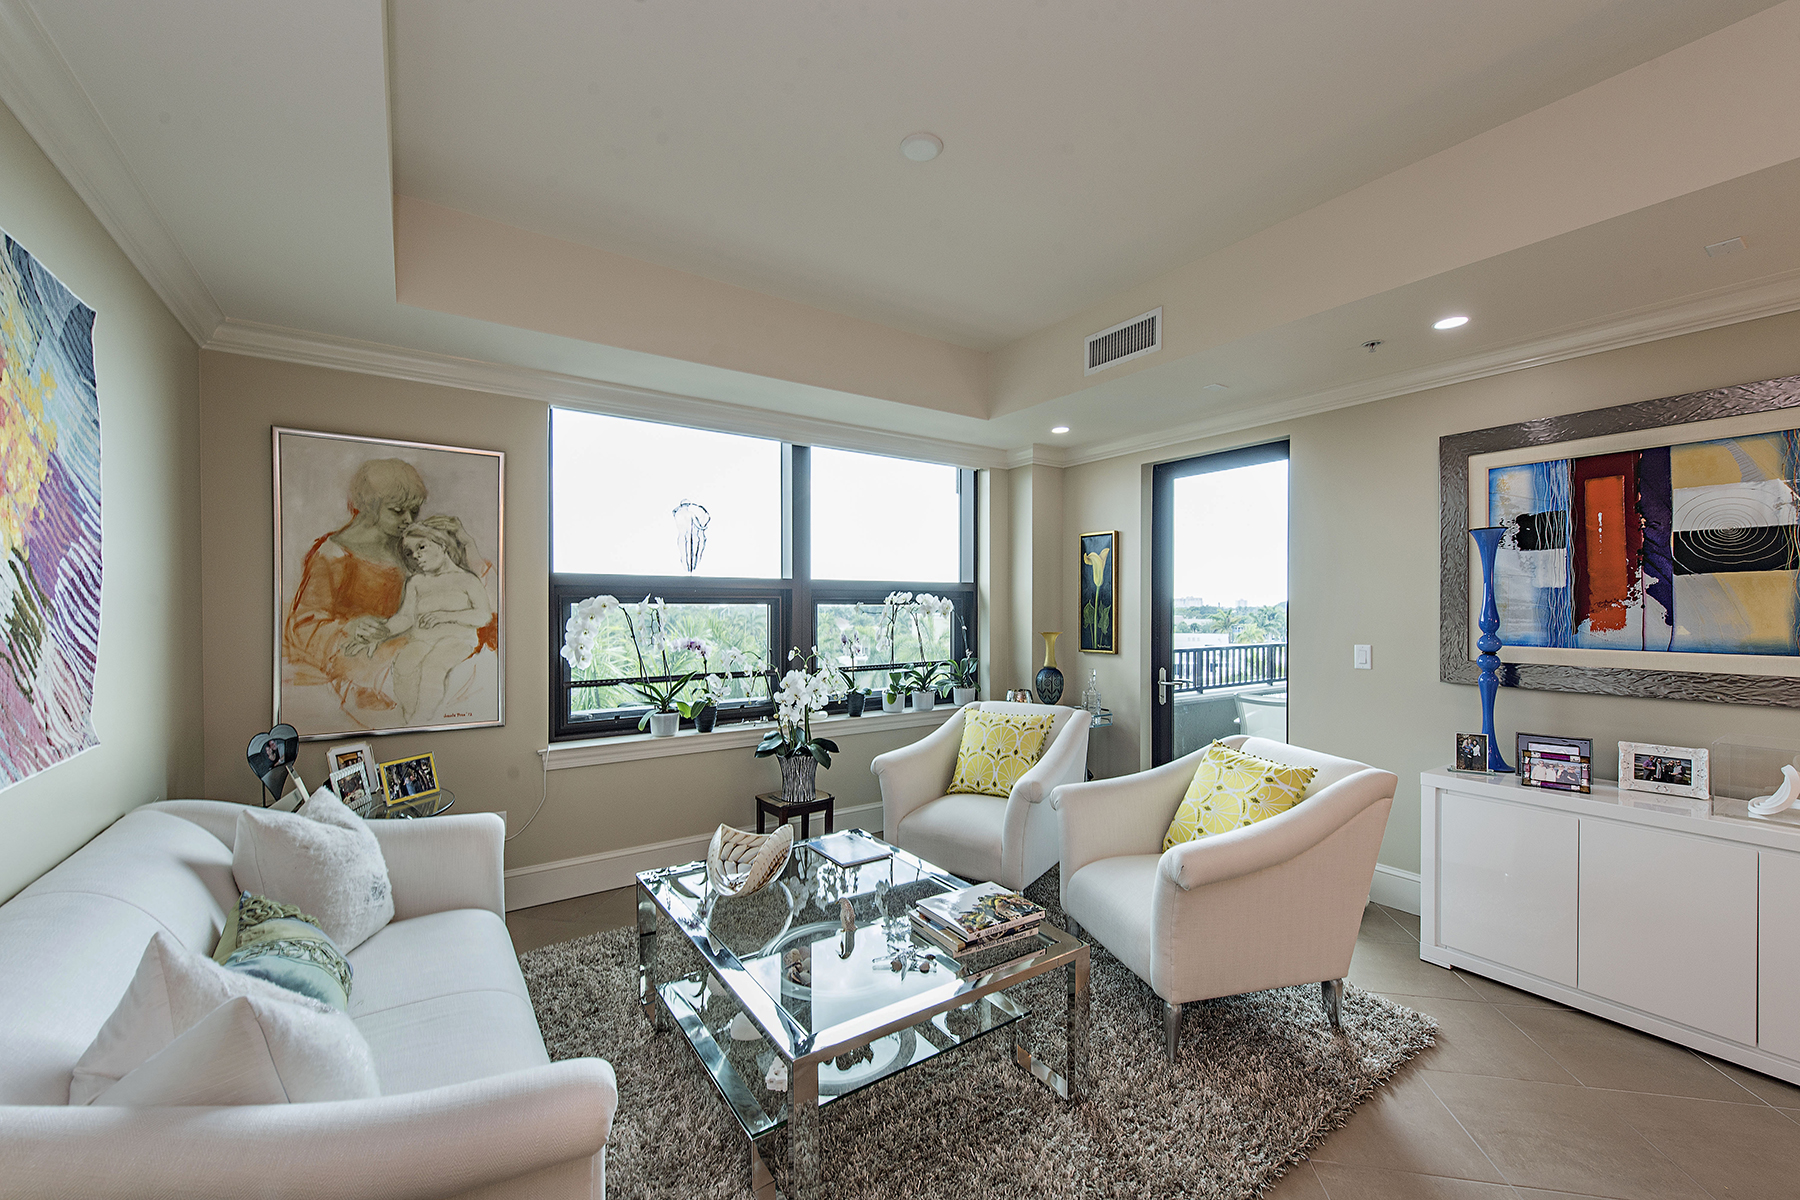 شقة بعمارة للـ Sale في 9115 Strada Pl , 5414, Naples, FL 34108 9115 Strada Pl 5414, Naples, Florida, 34108 United States